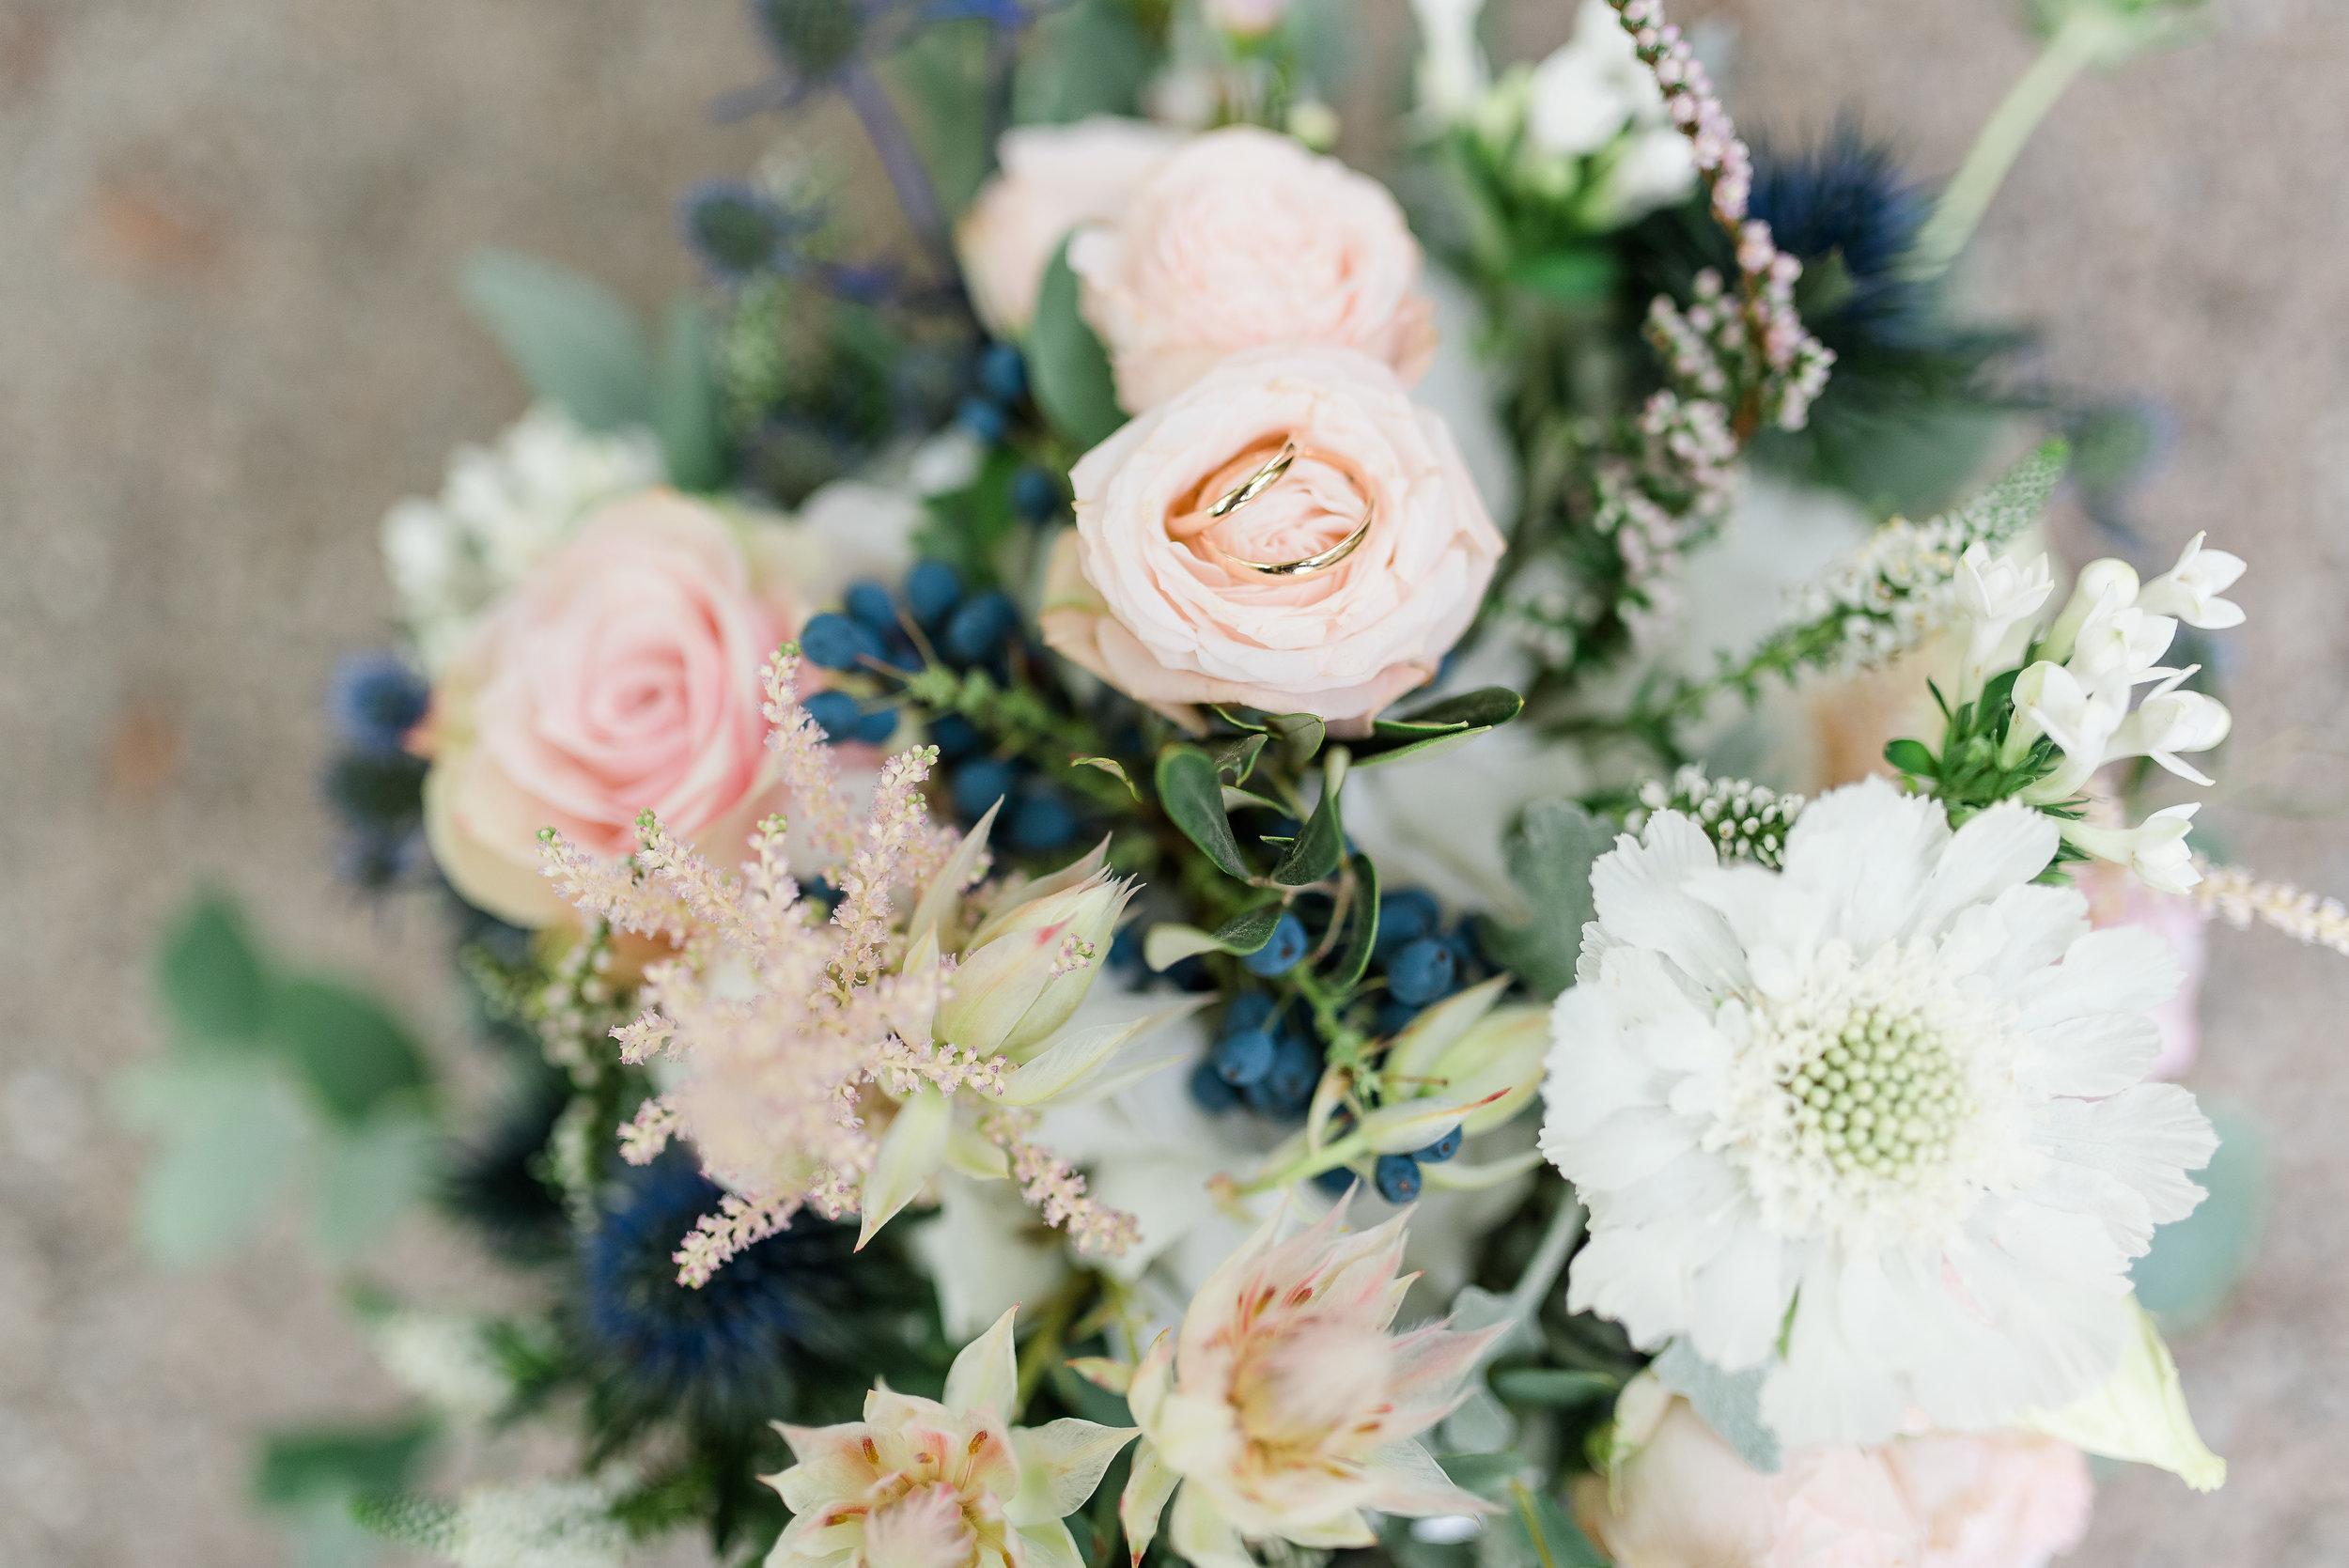 rosemarrylemon_Hochzeit_ES_Hochzeitsdeko9.jpg